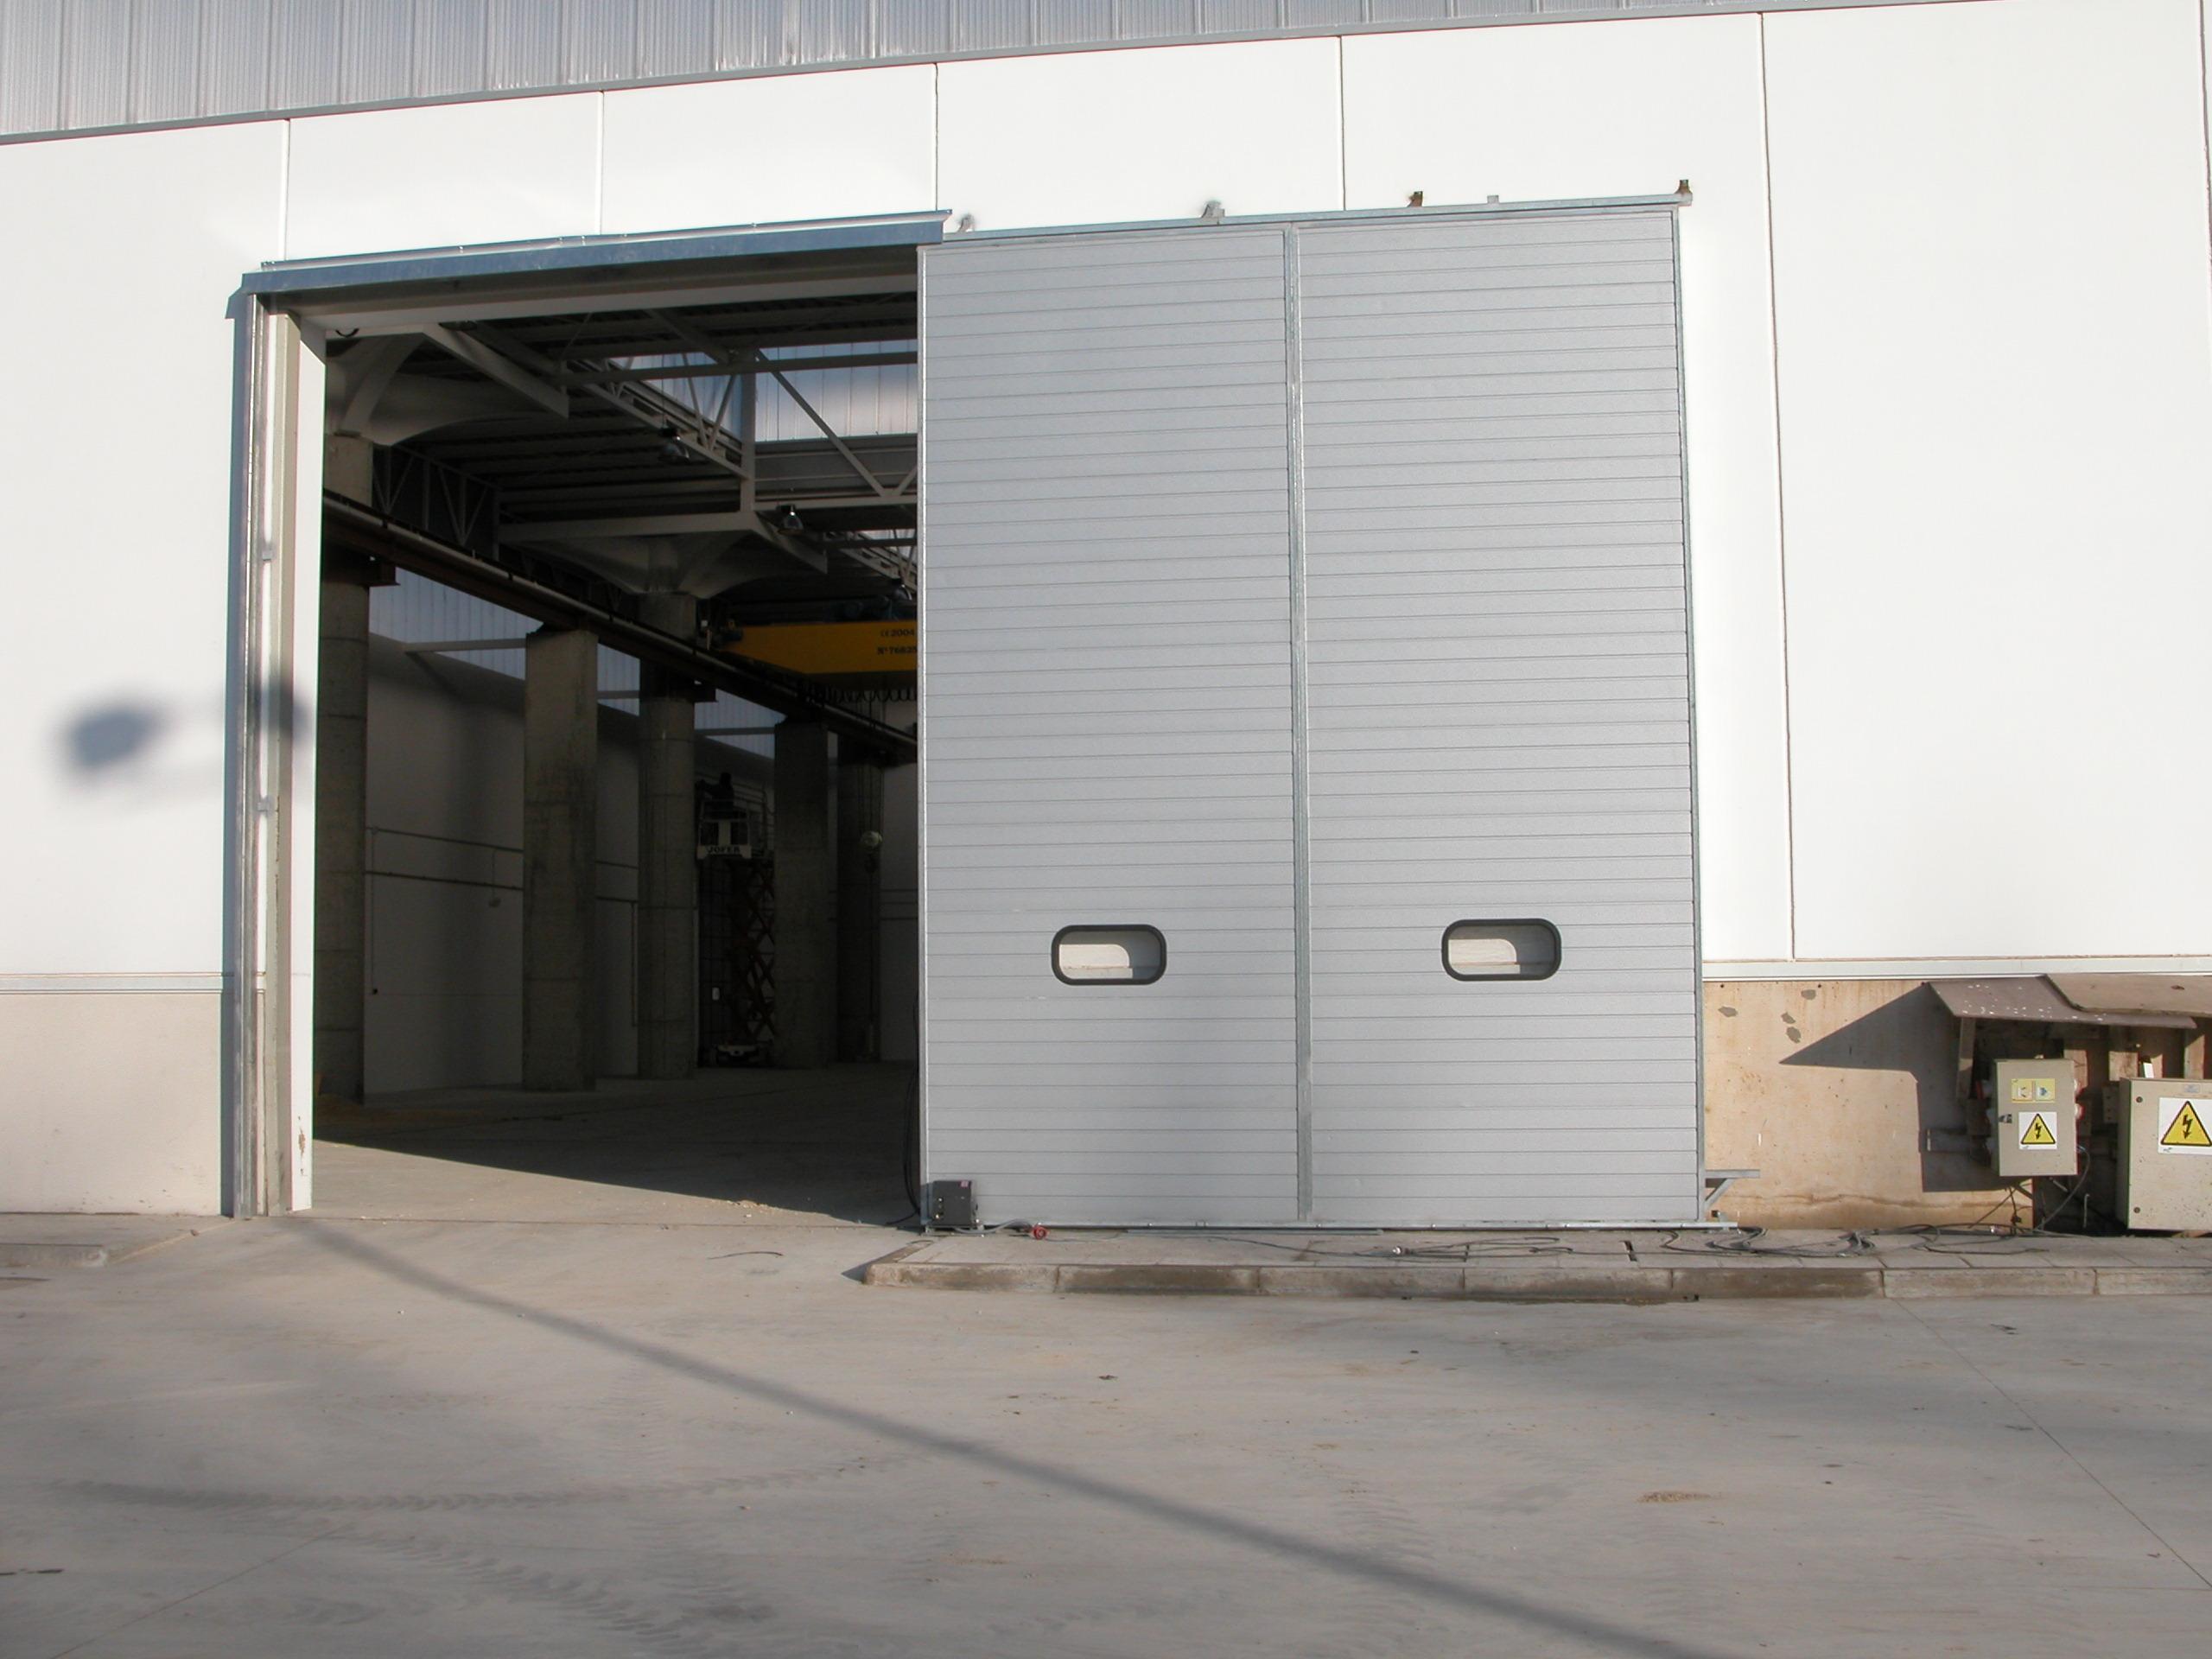 Puertas correderas puertas y automatismos m luque for Automatismo puerta corredera